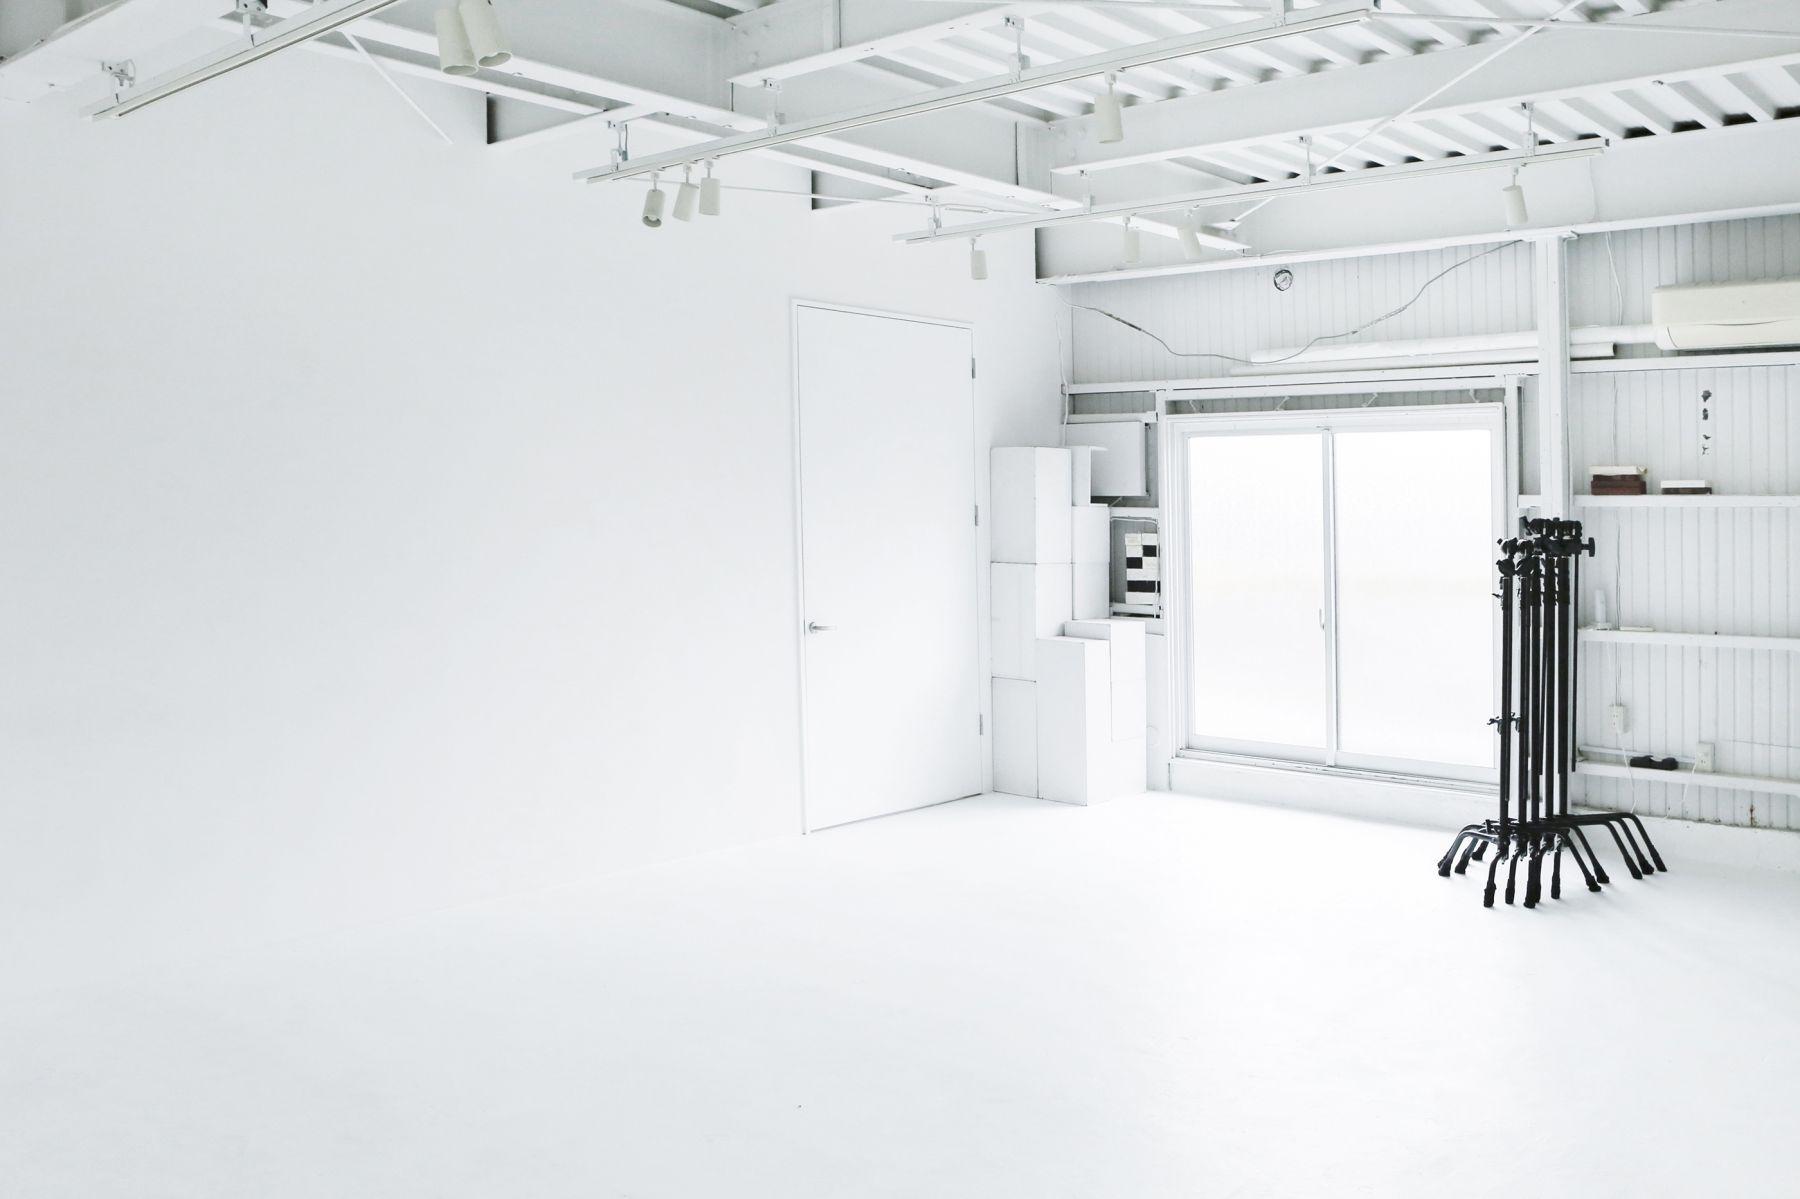 studio ConTRail (スタジオ コントレイル)屋上 ペントハウス